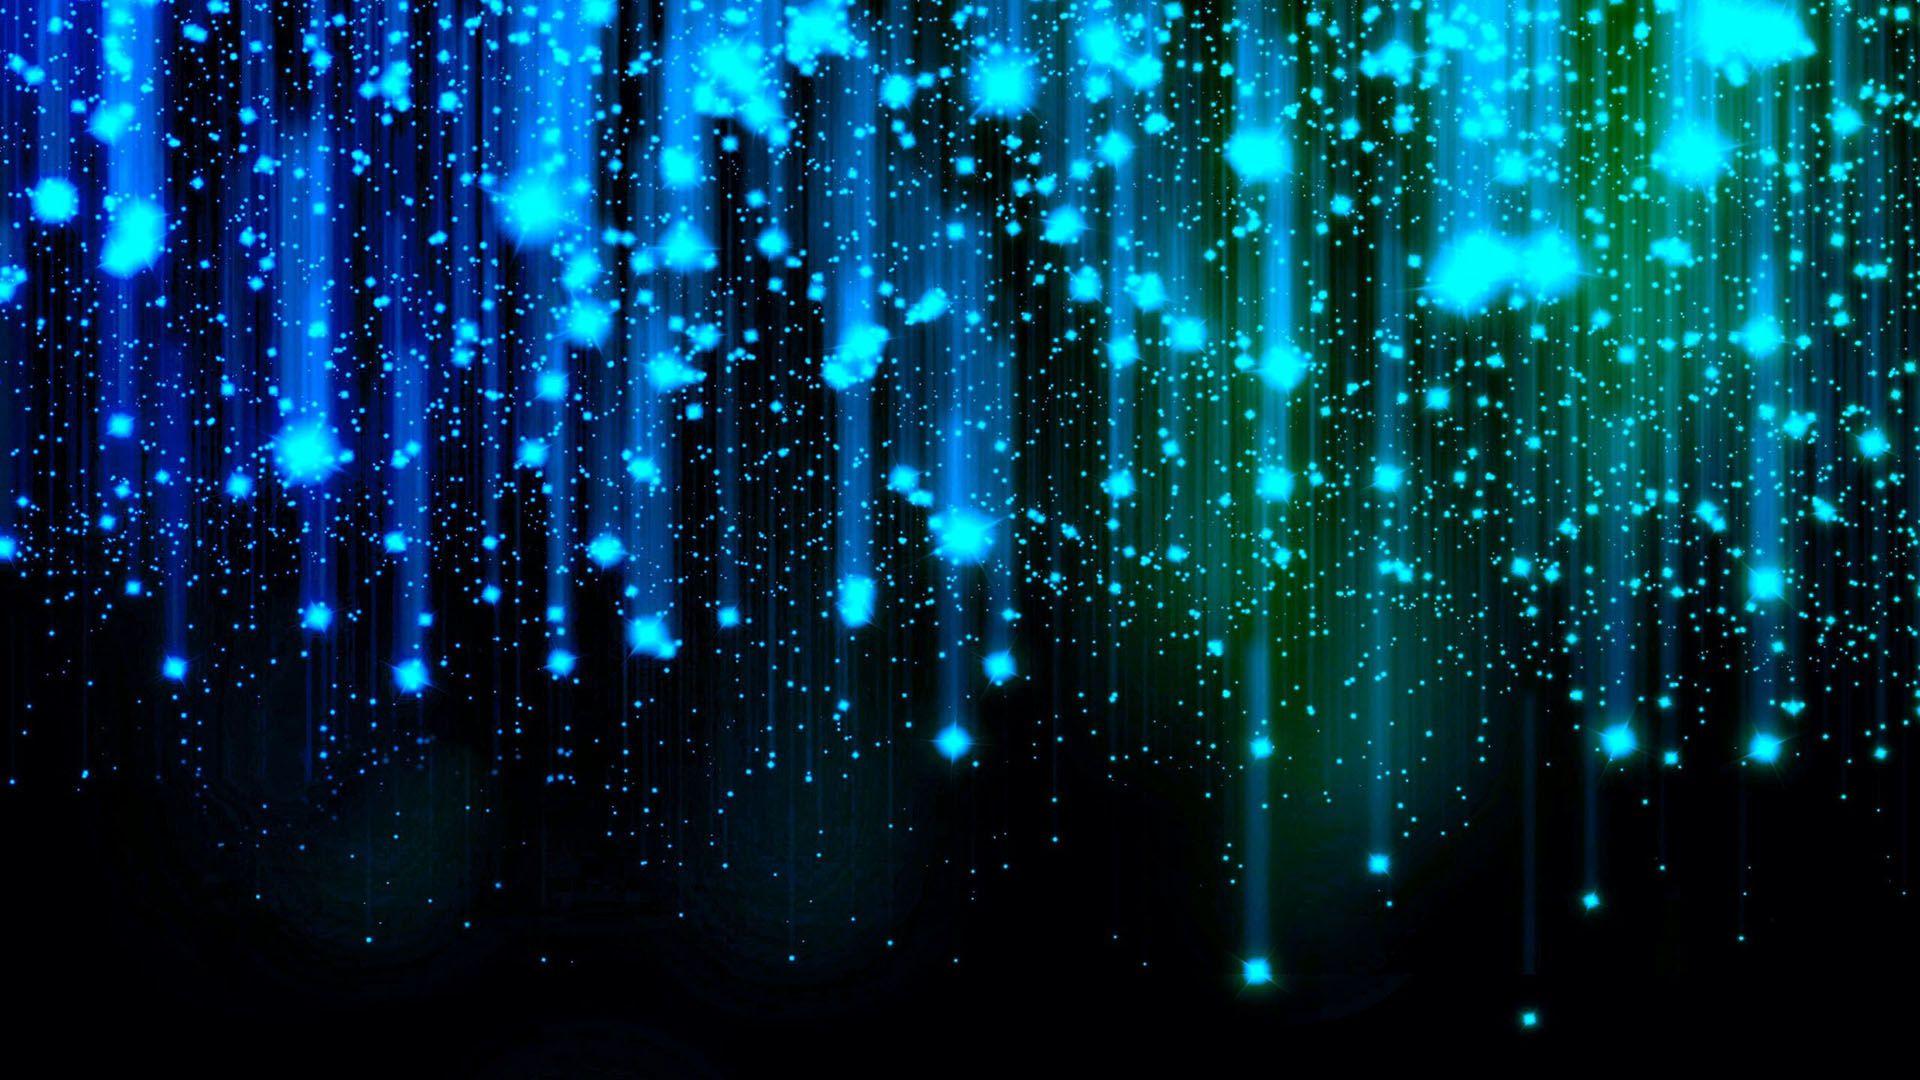 Blue and Green Falling Stars HD Wallpaper FullHDWpp   Full HD 1920x1080